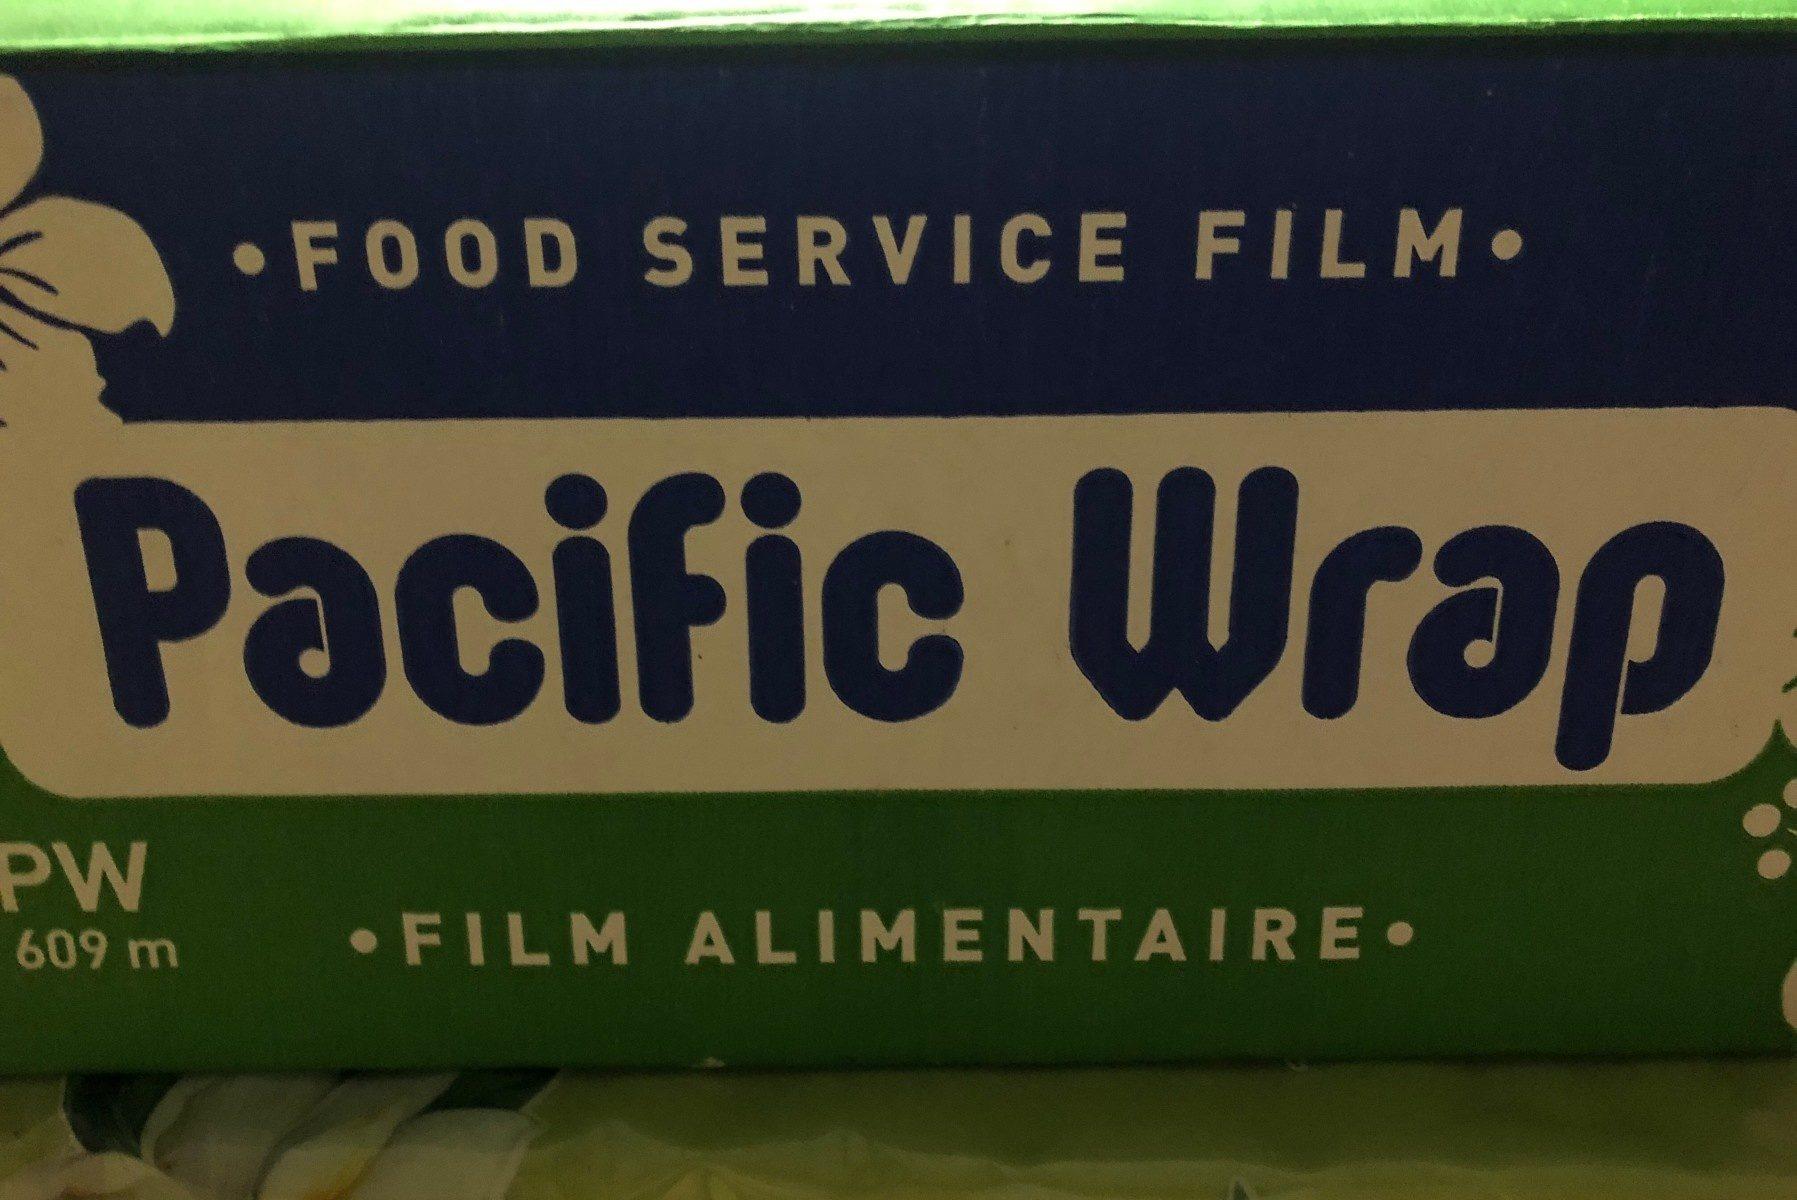 Papier filme alimentaire - Product - fr